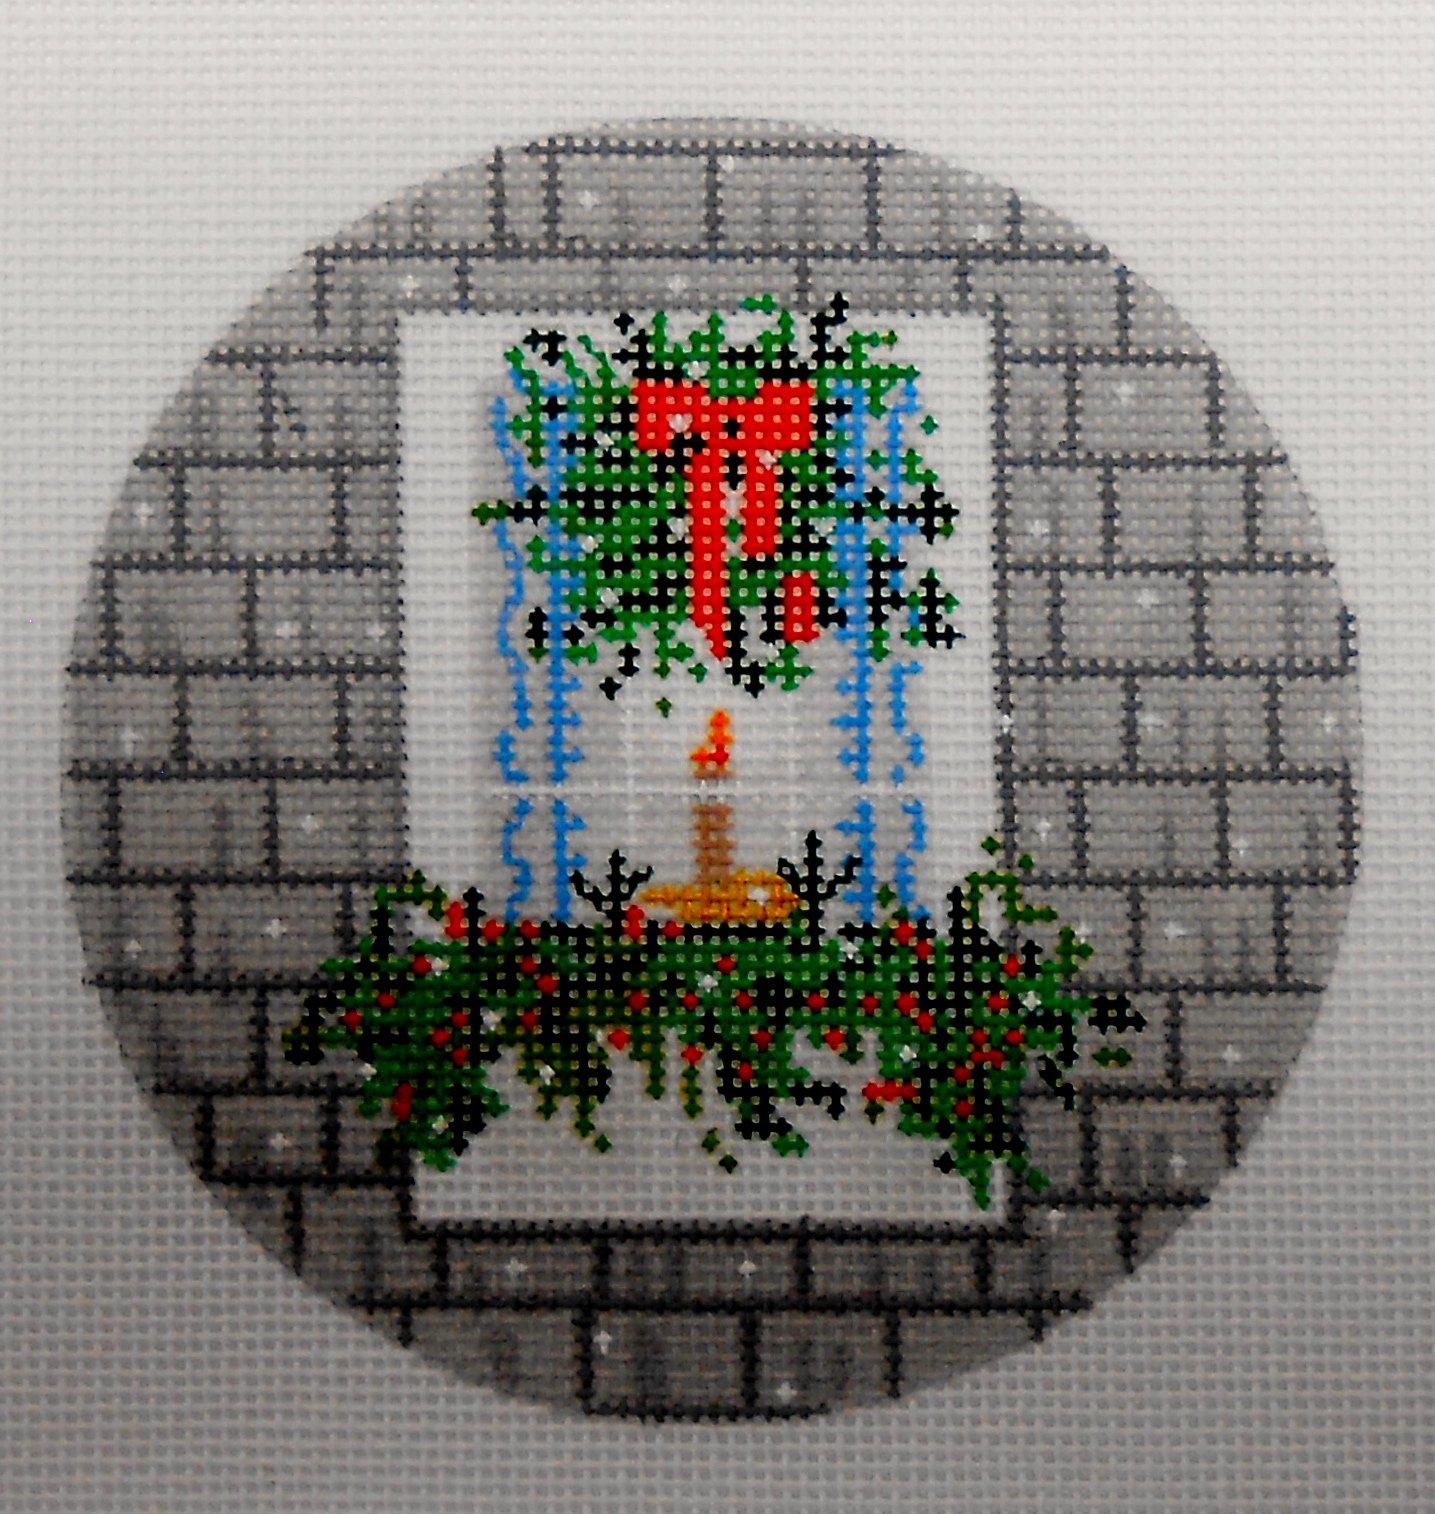 Festive Window